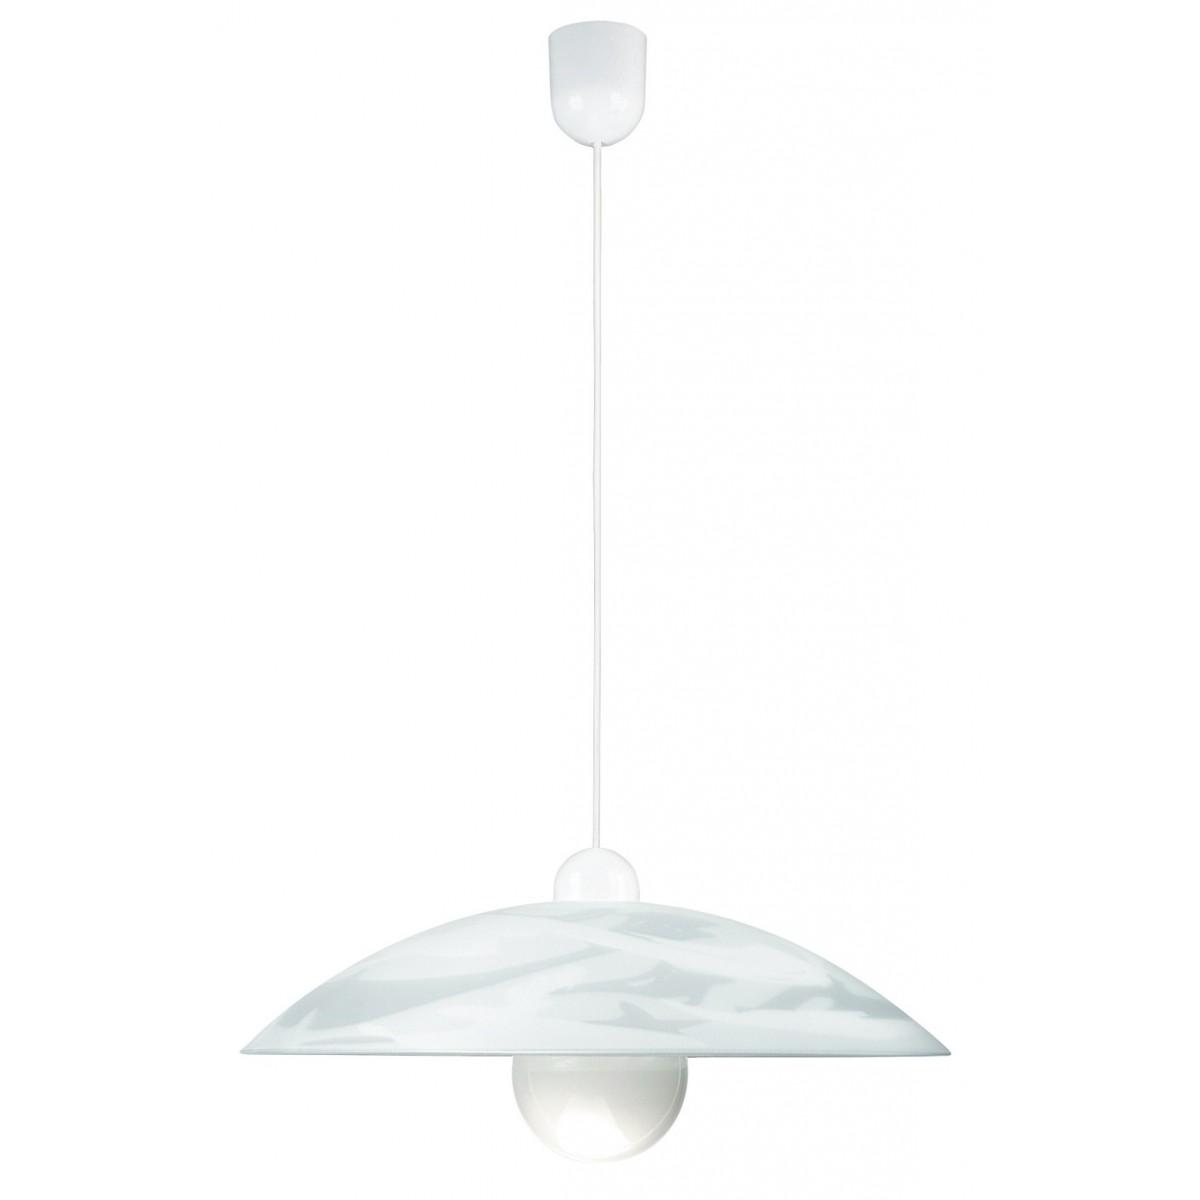 09/04010 - Suspension Diffuseur circulaire Décoration en verre Lustre classique blanc E27